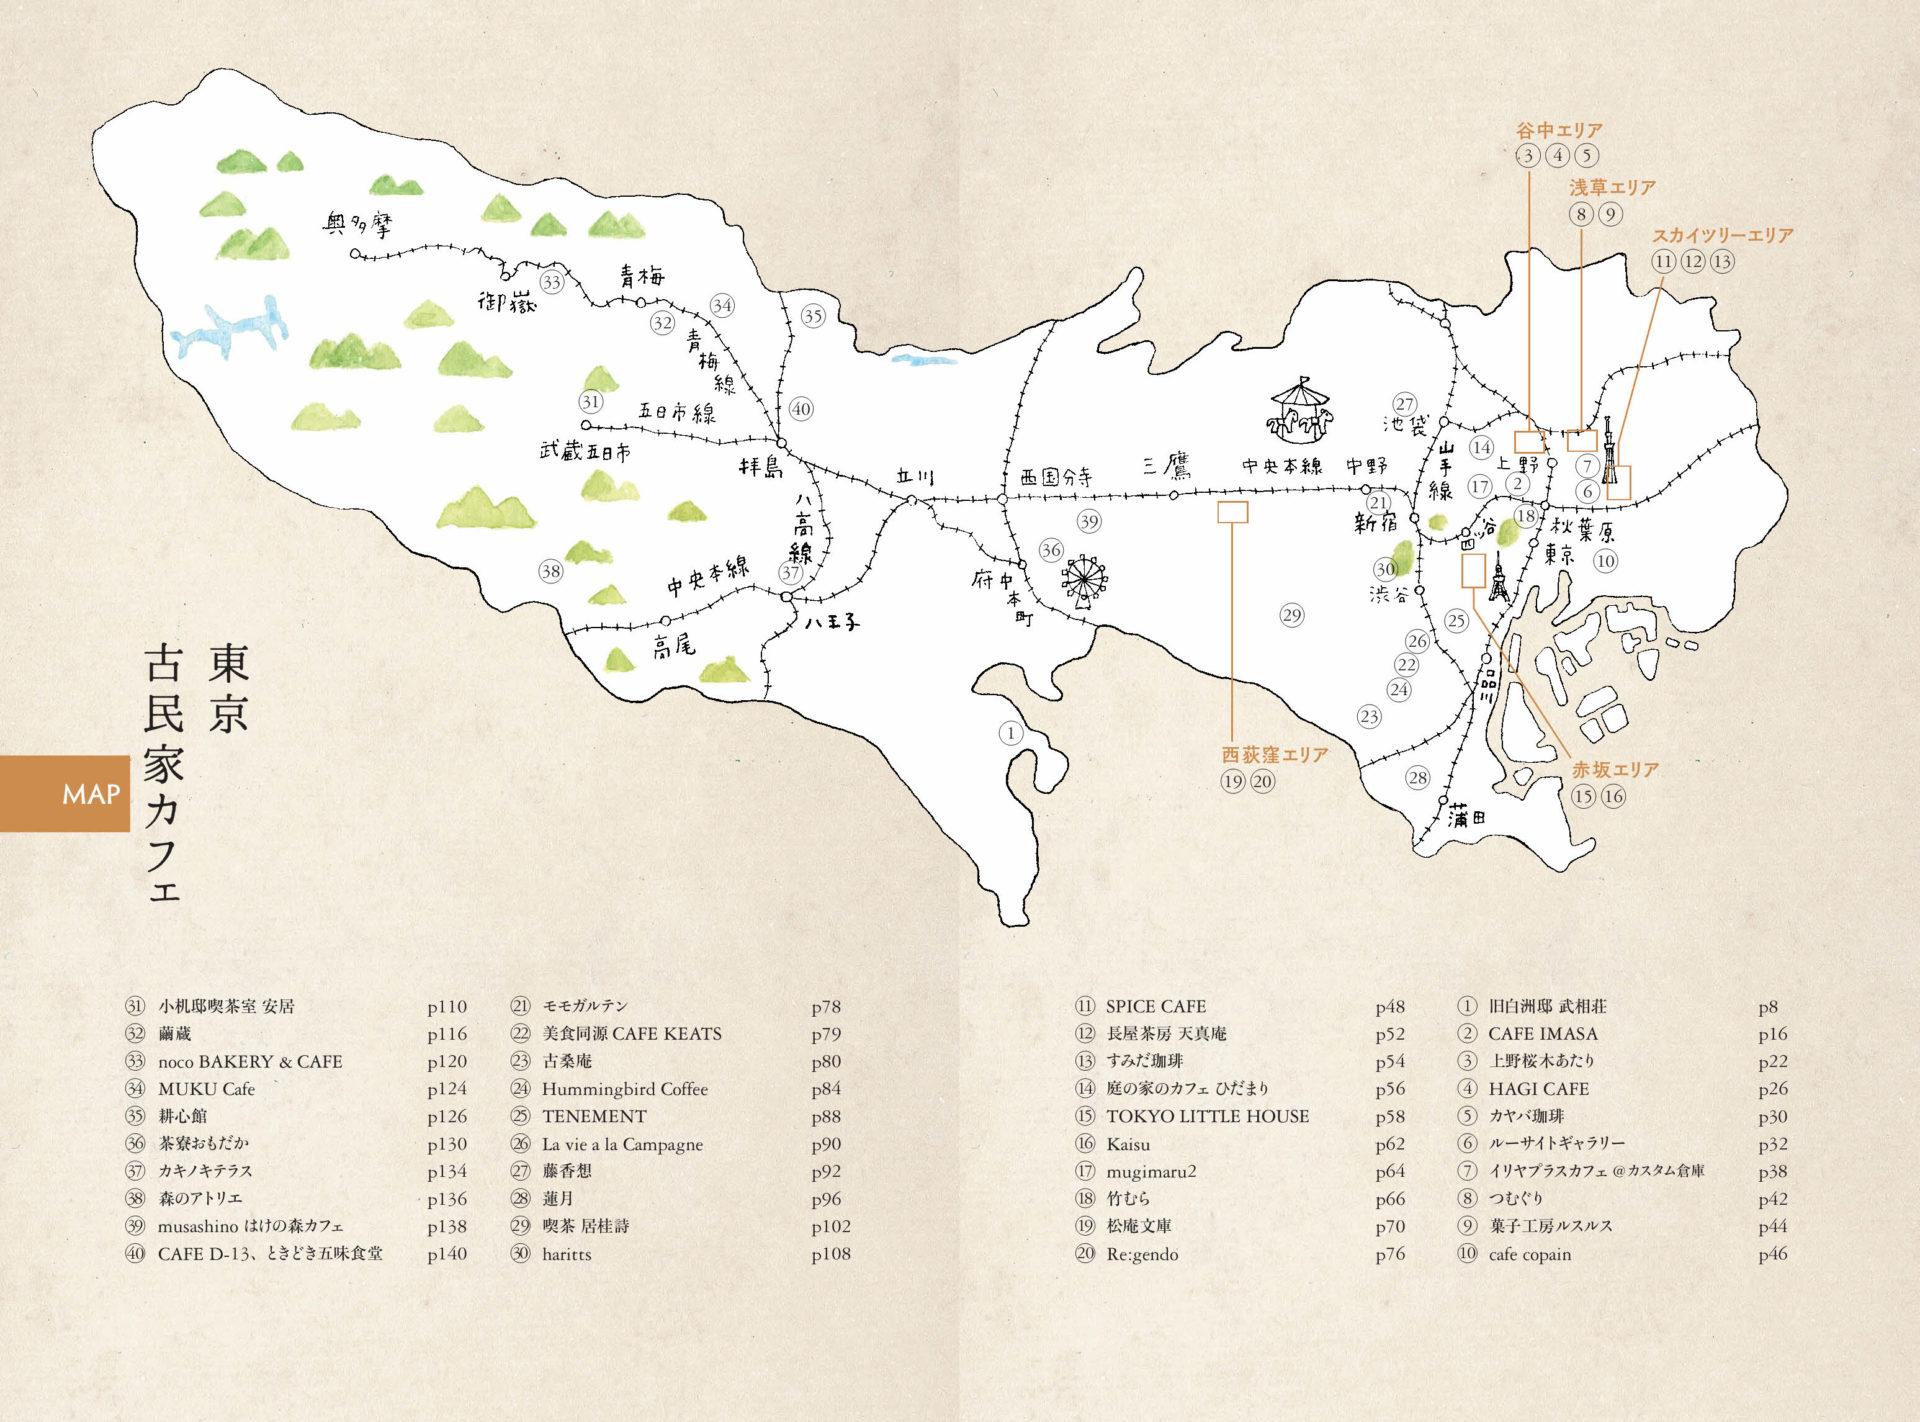 東京古民家カフェマップ